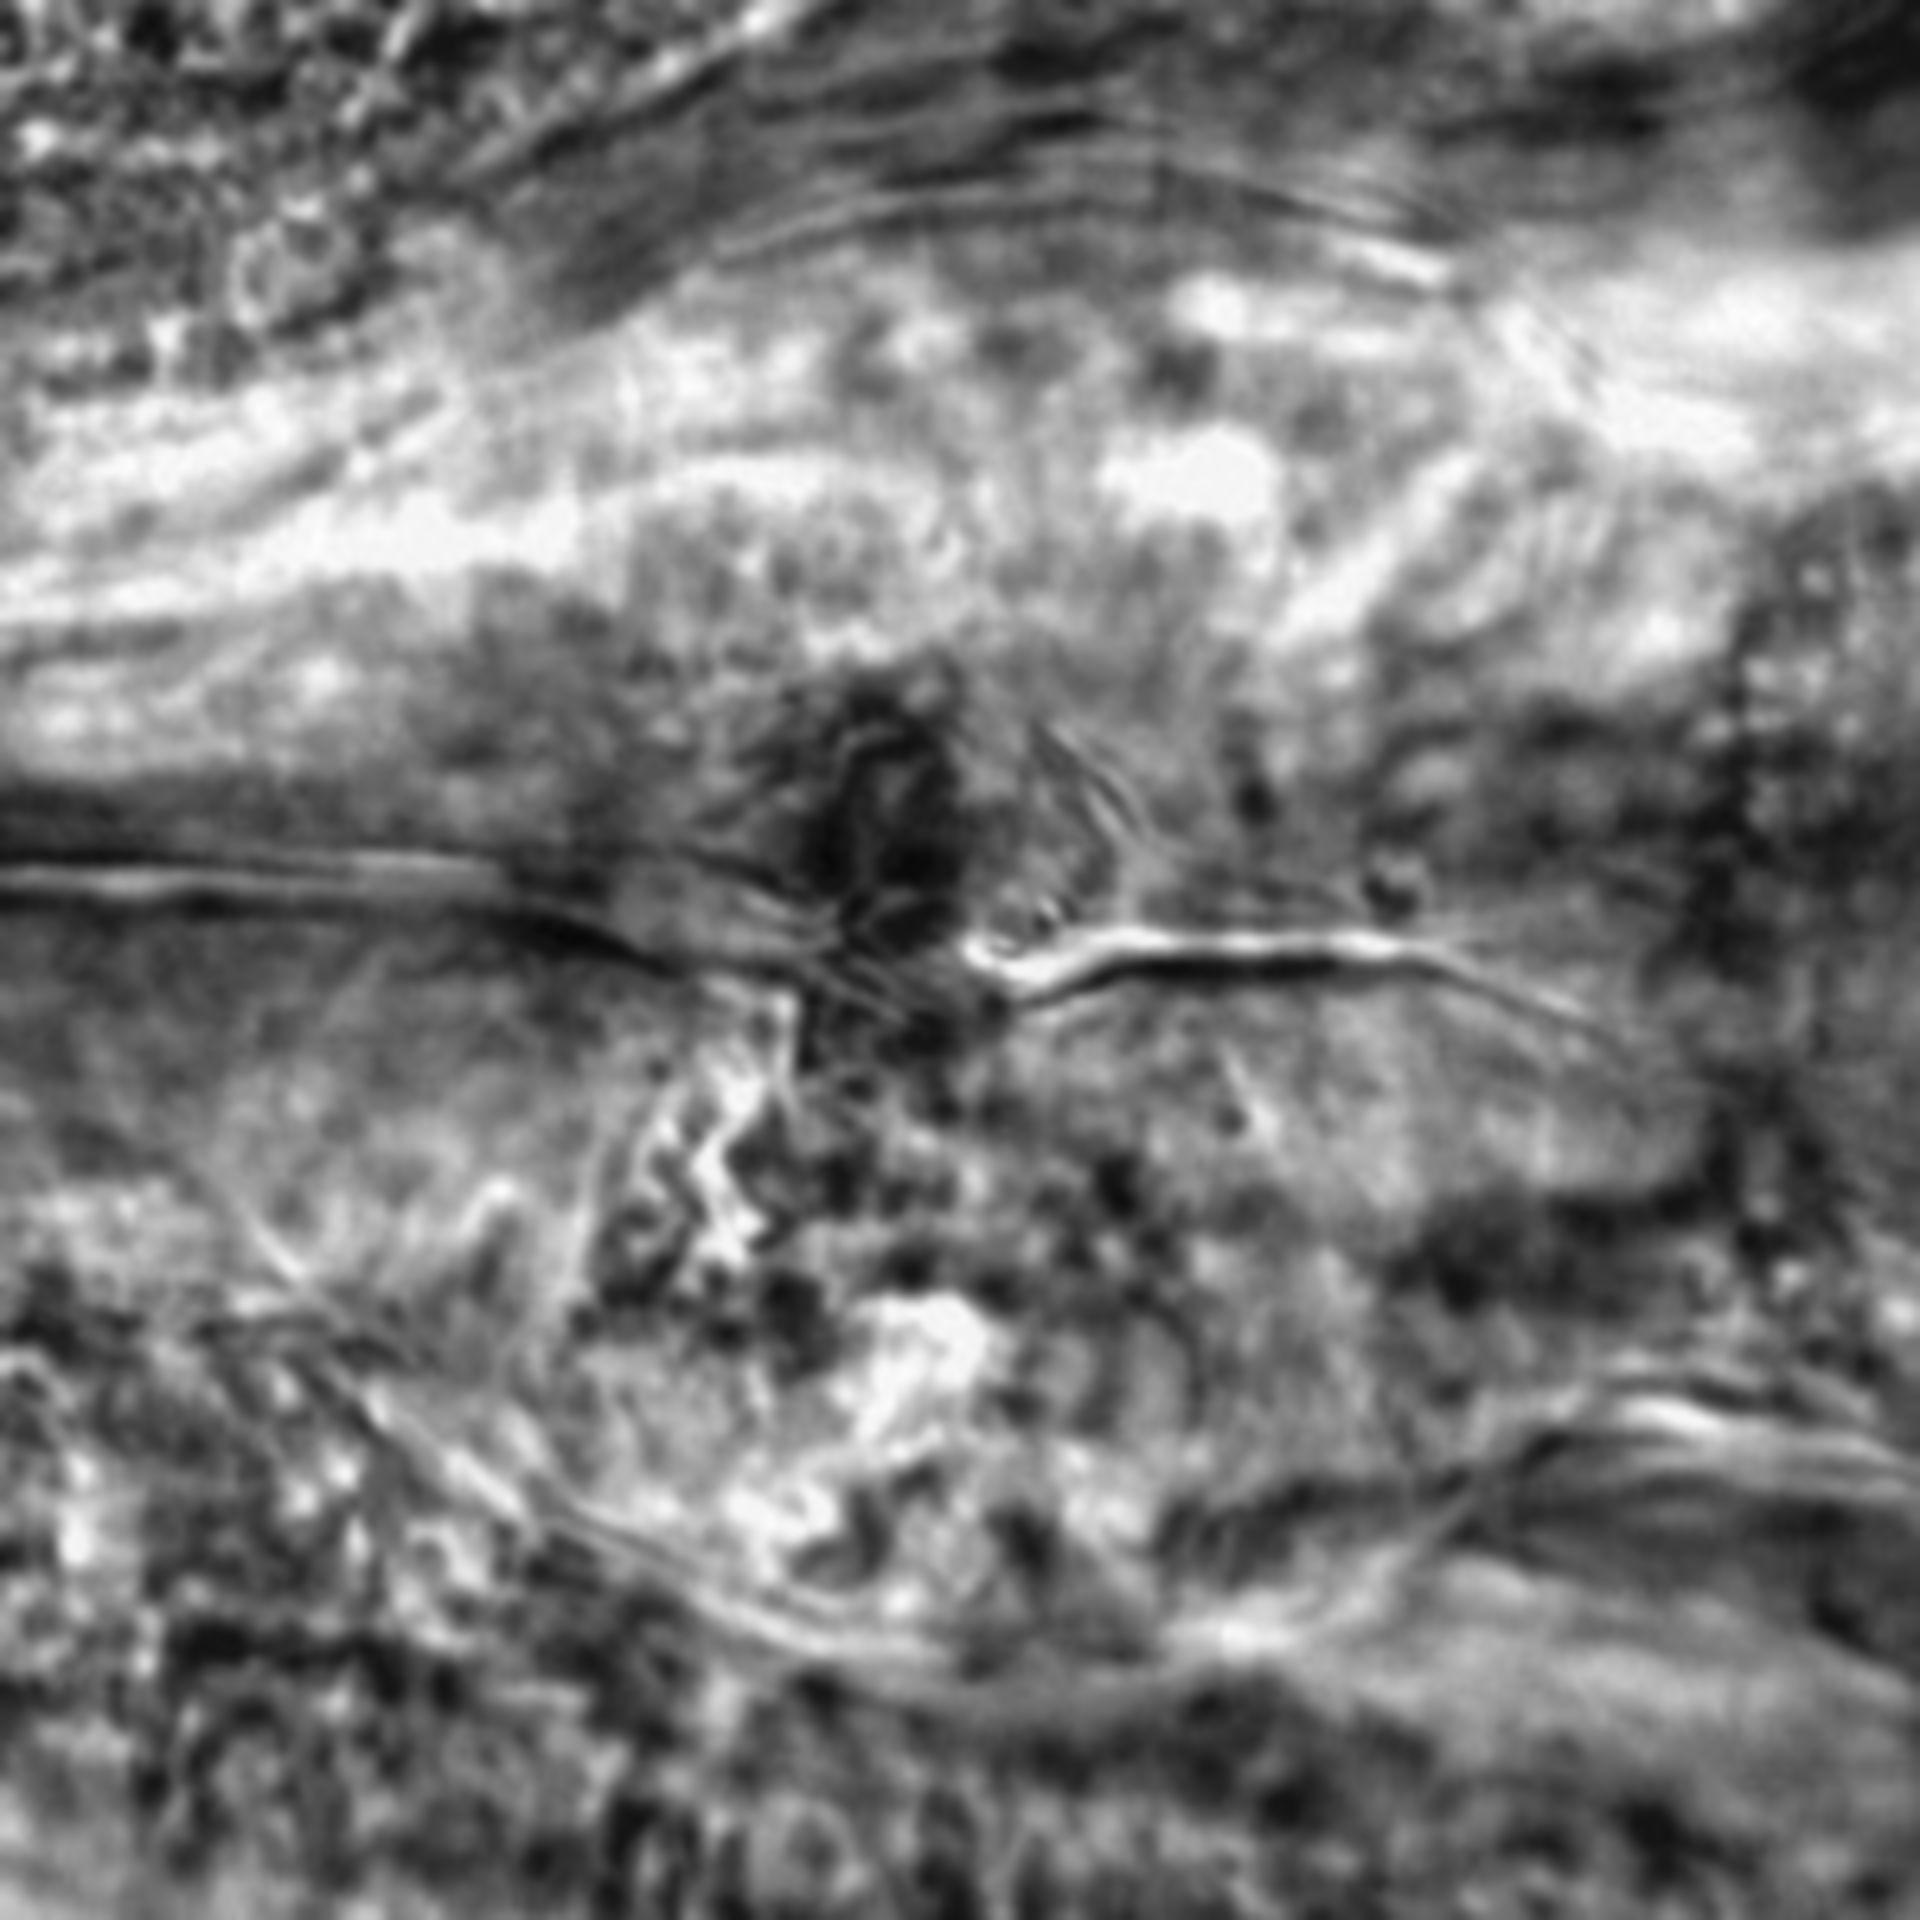 Caenorhabditis elegans - CIL:2241